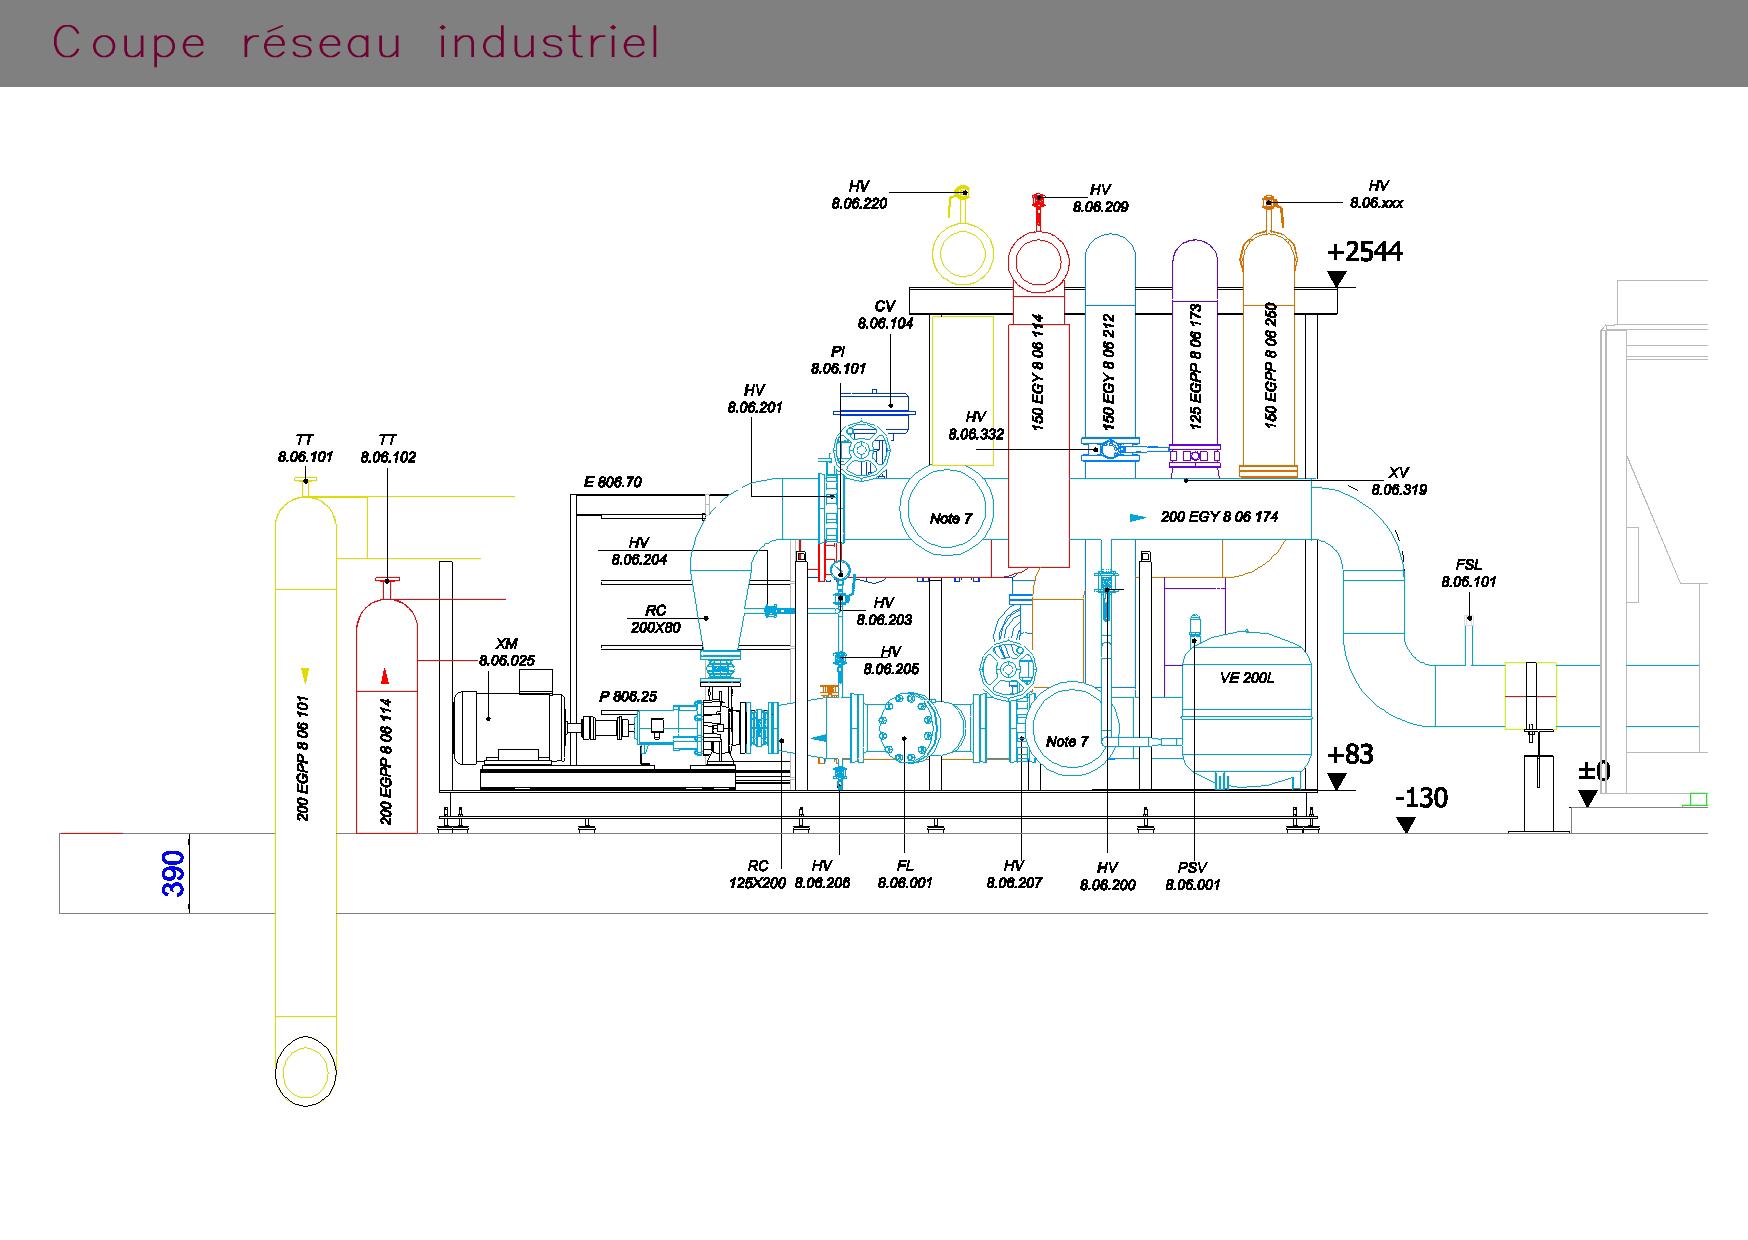 Coupe SKID réseau industriel (pompe)